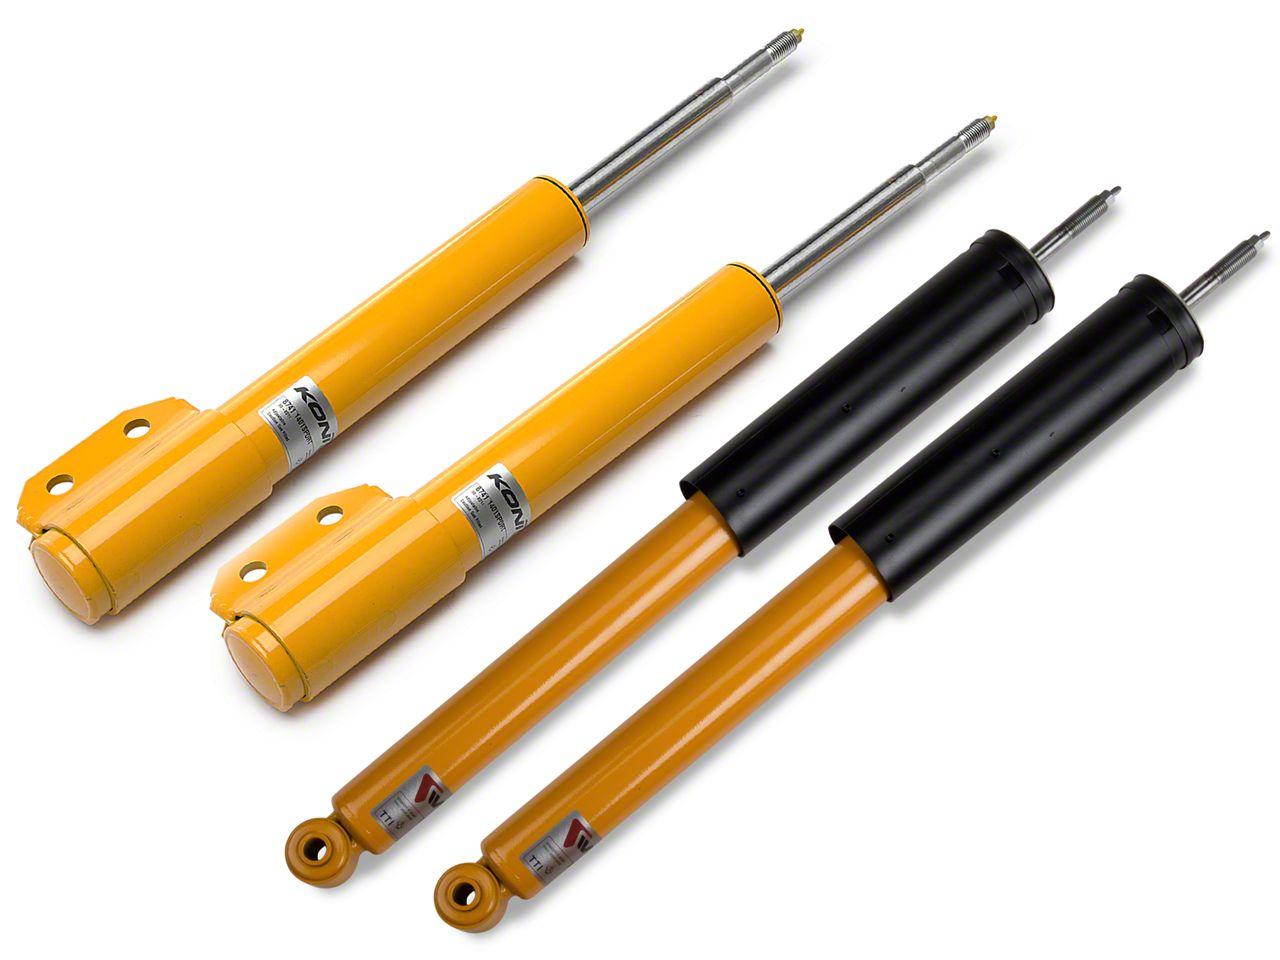 KONI Sport Adjustable Shock & Strut Kit (94-04 All, Excluding 99-04 Cobra)